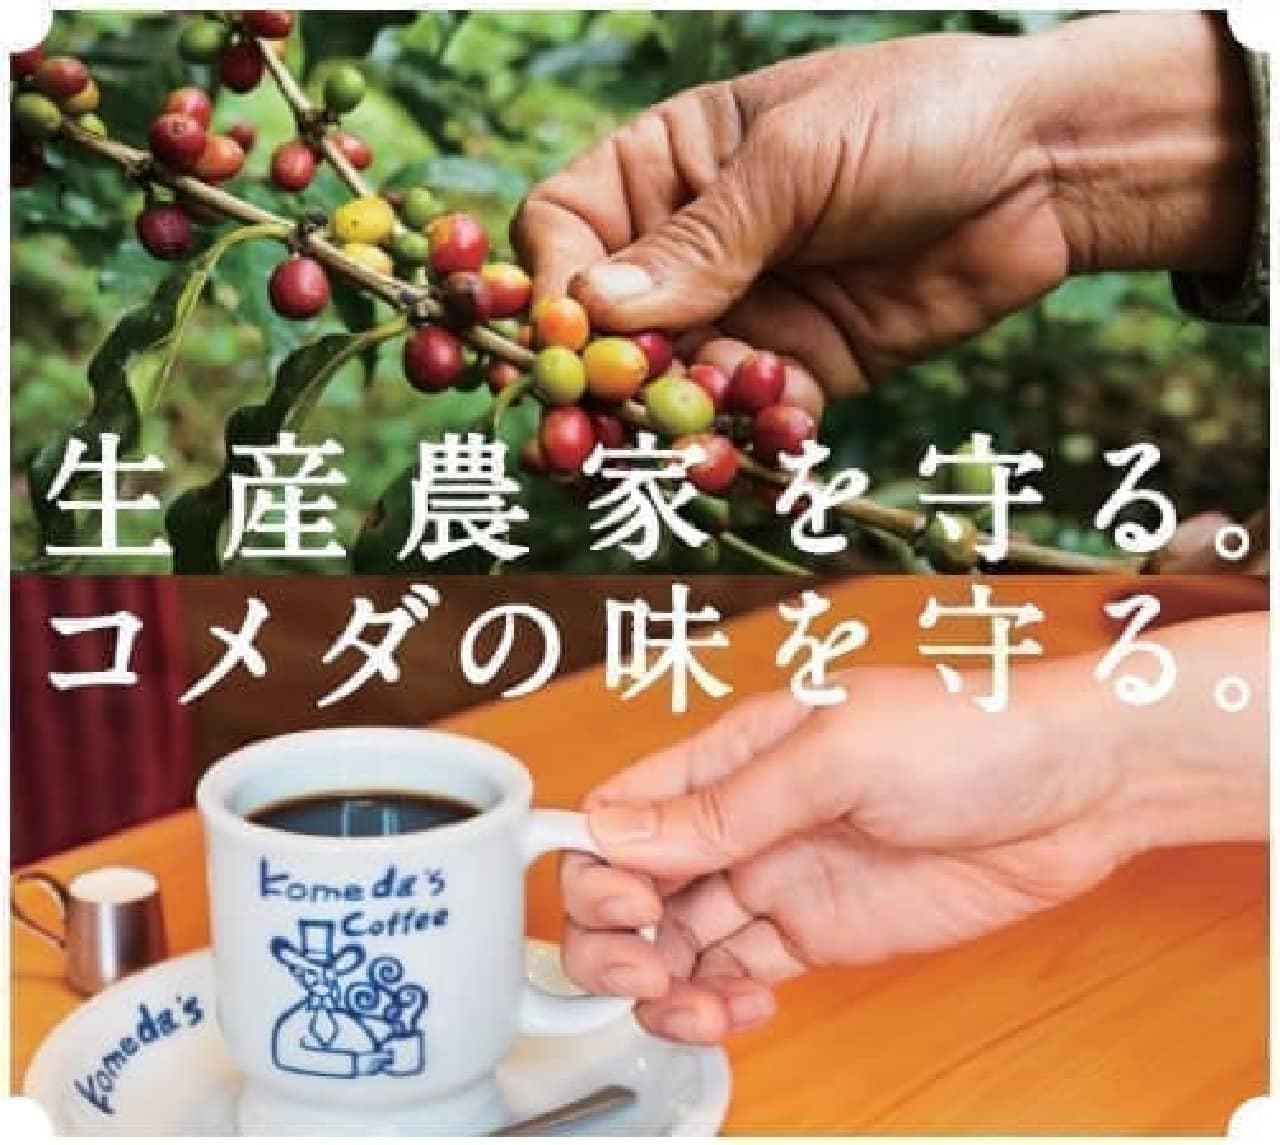 コメダ珈琲店の「新・コメダブレンド」